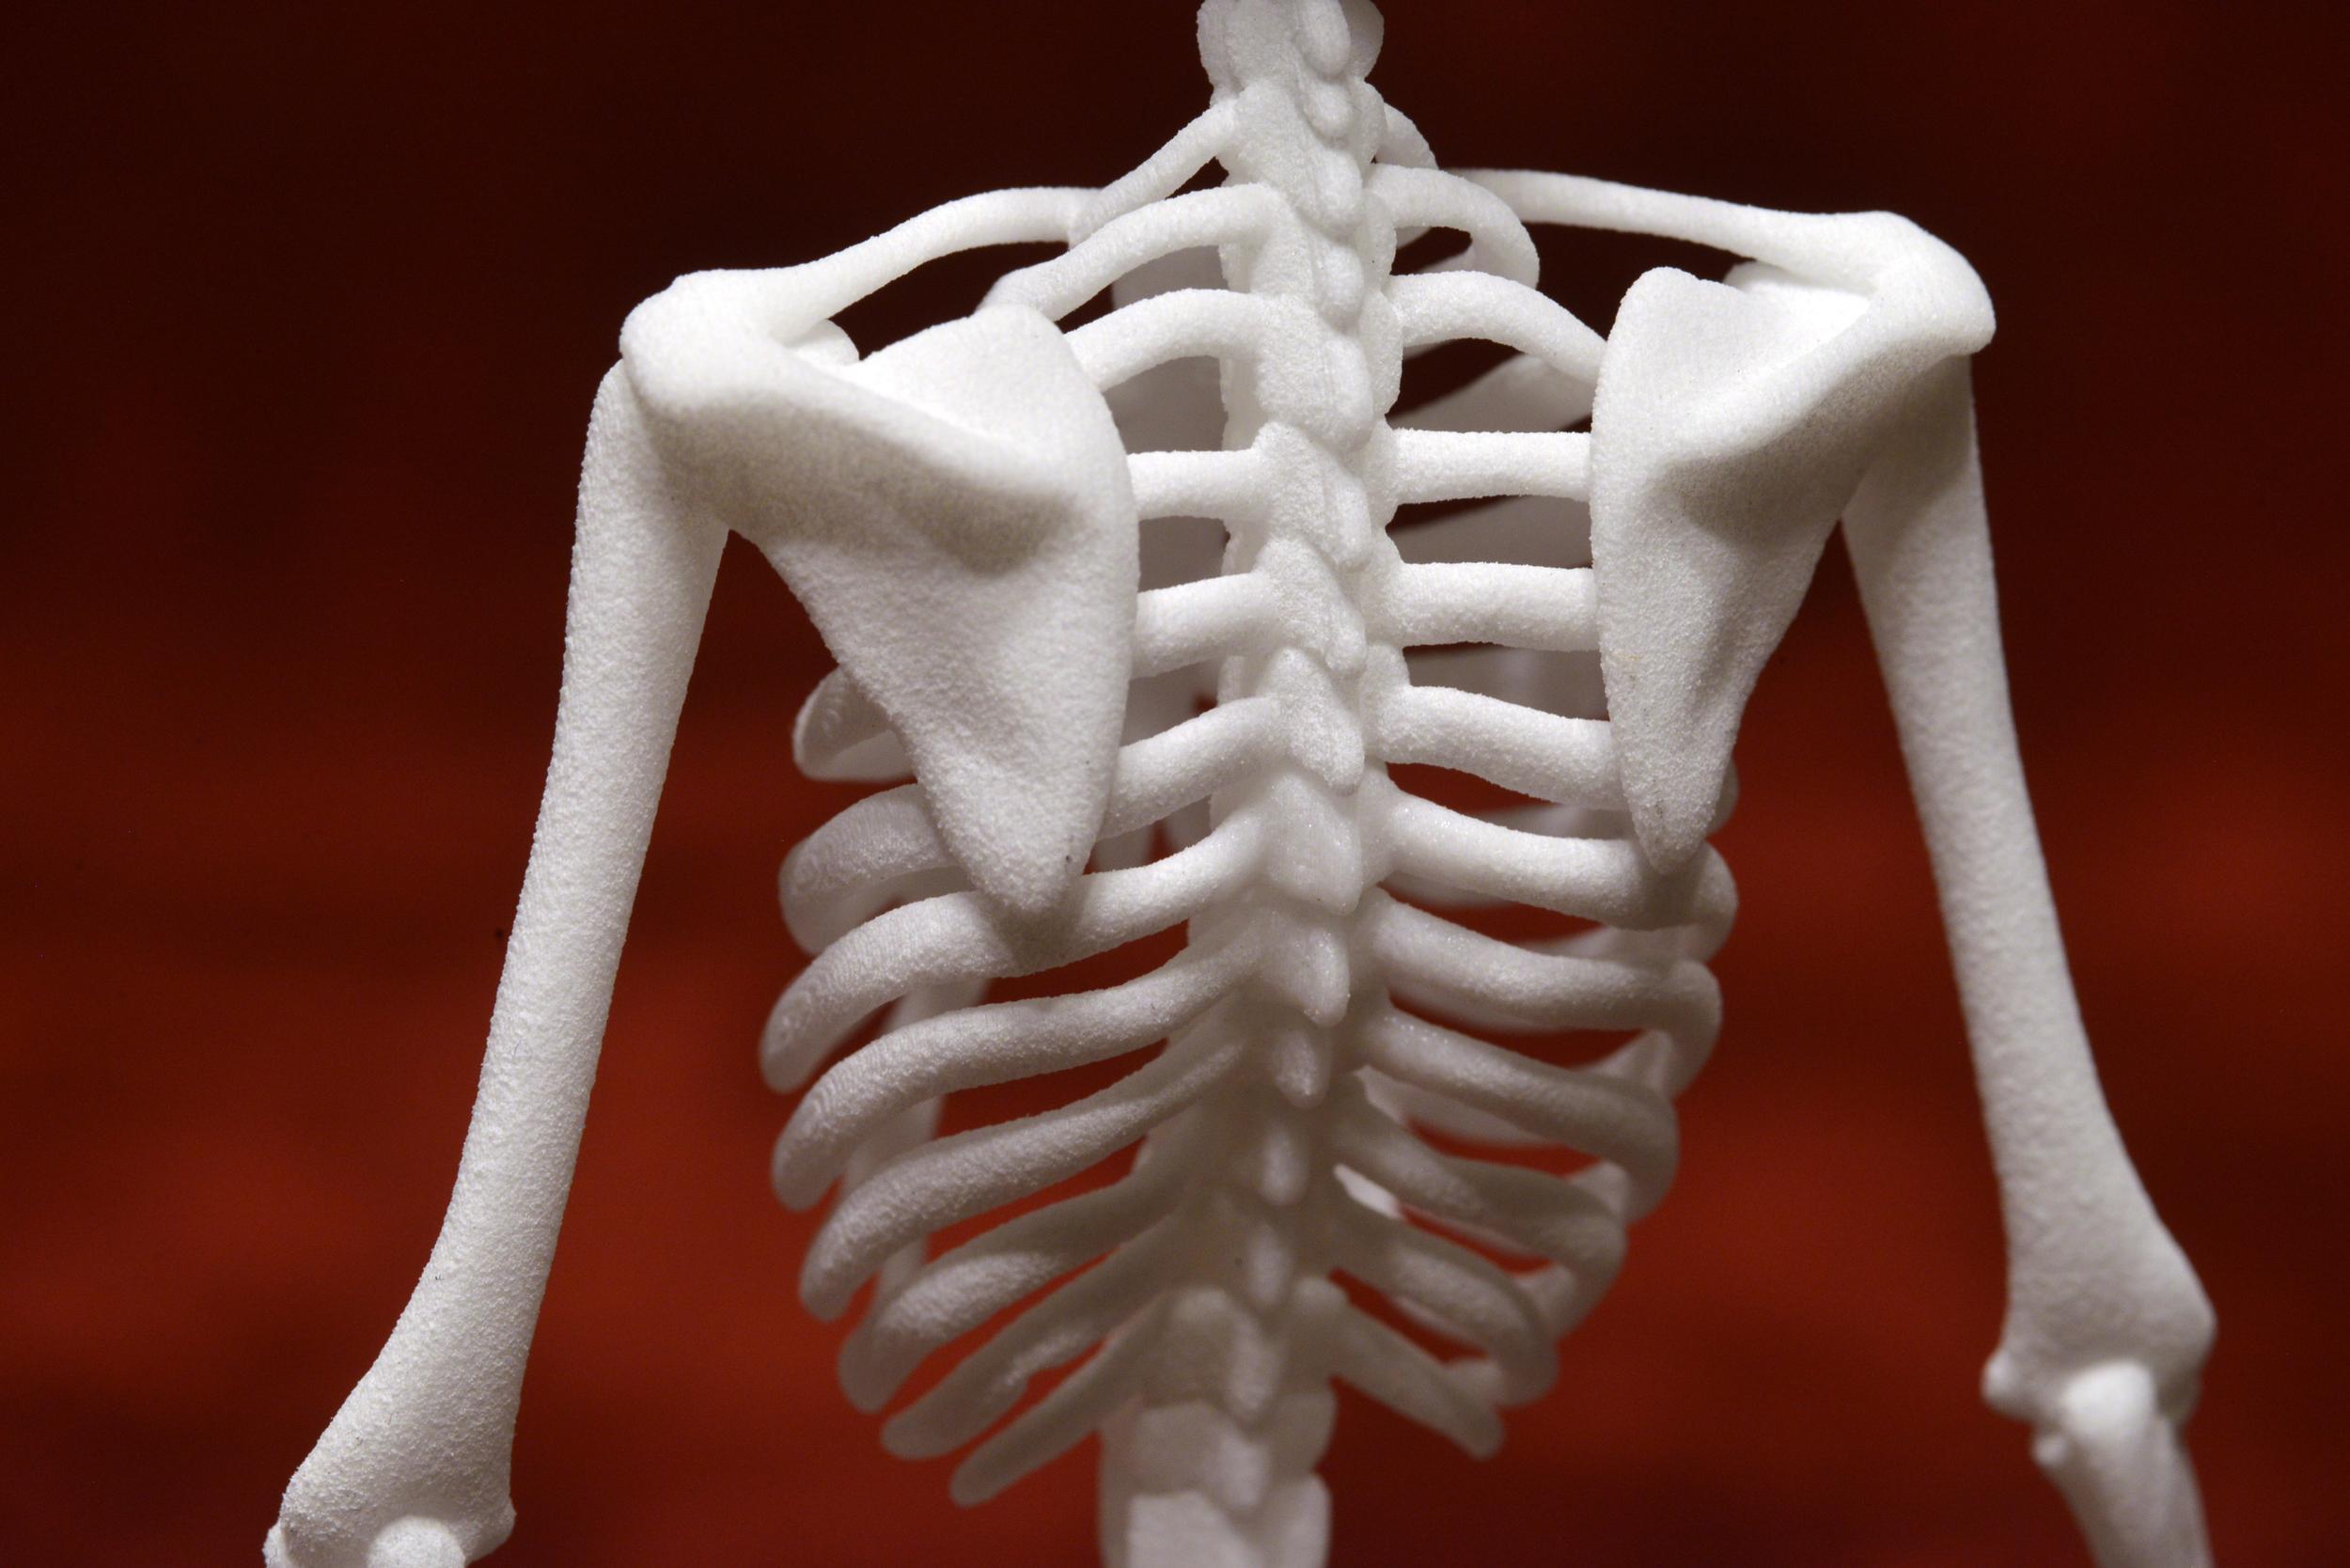 3D printed model skeleton